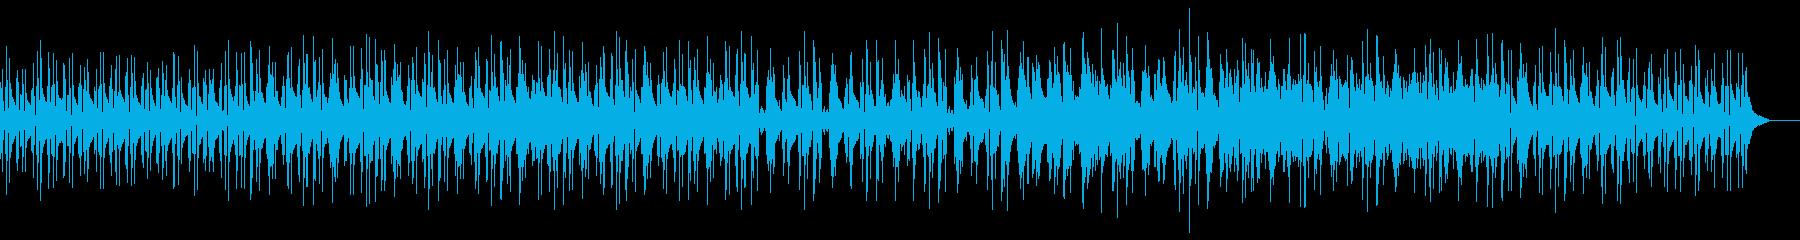 企業系VPギターとエレクトロの楽曲の再生済みの波形